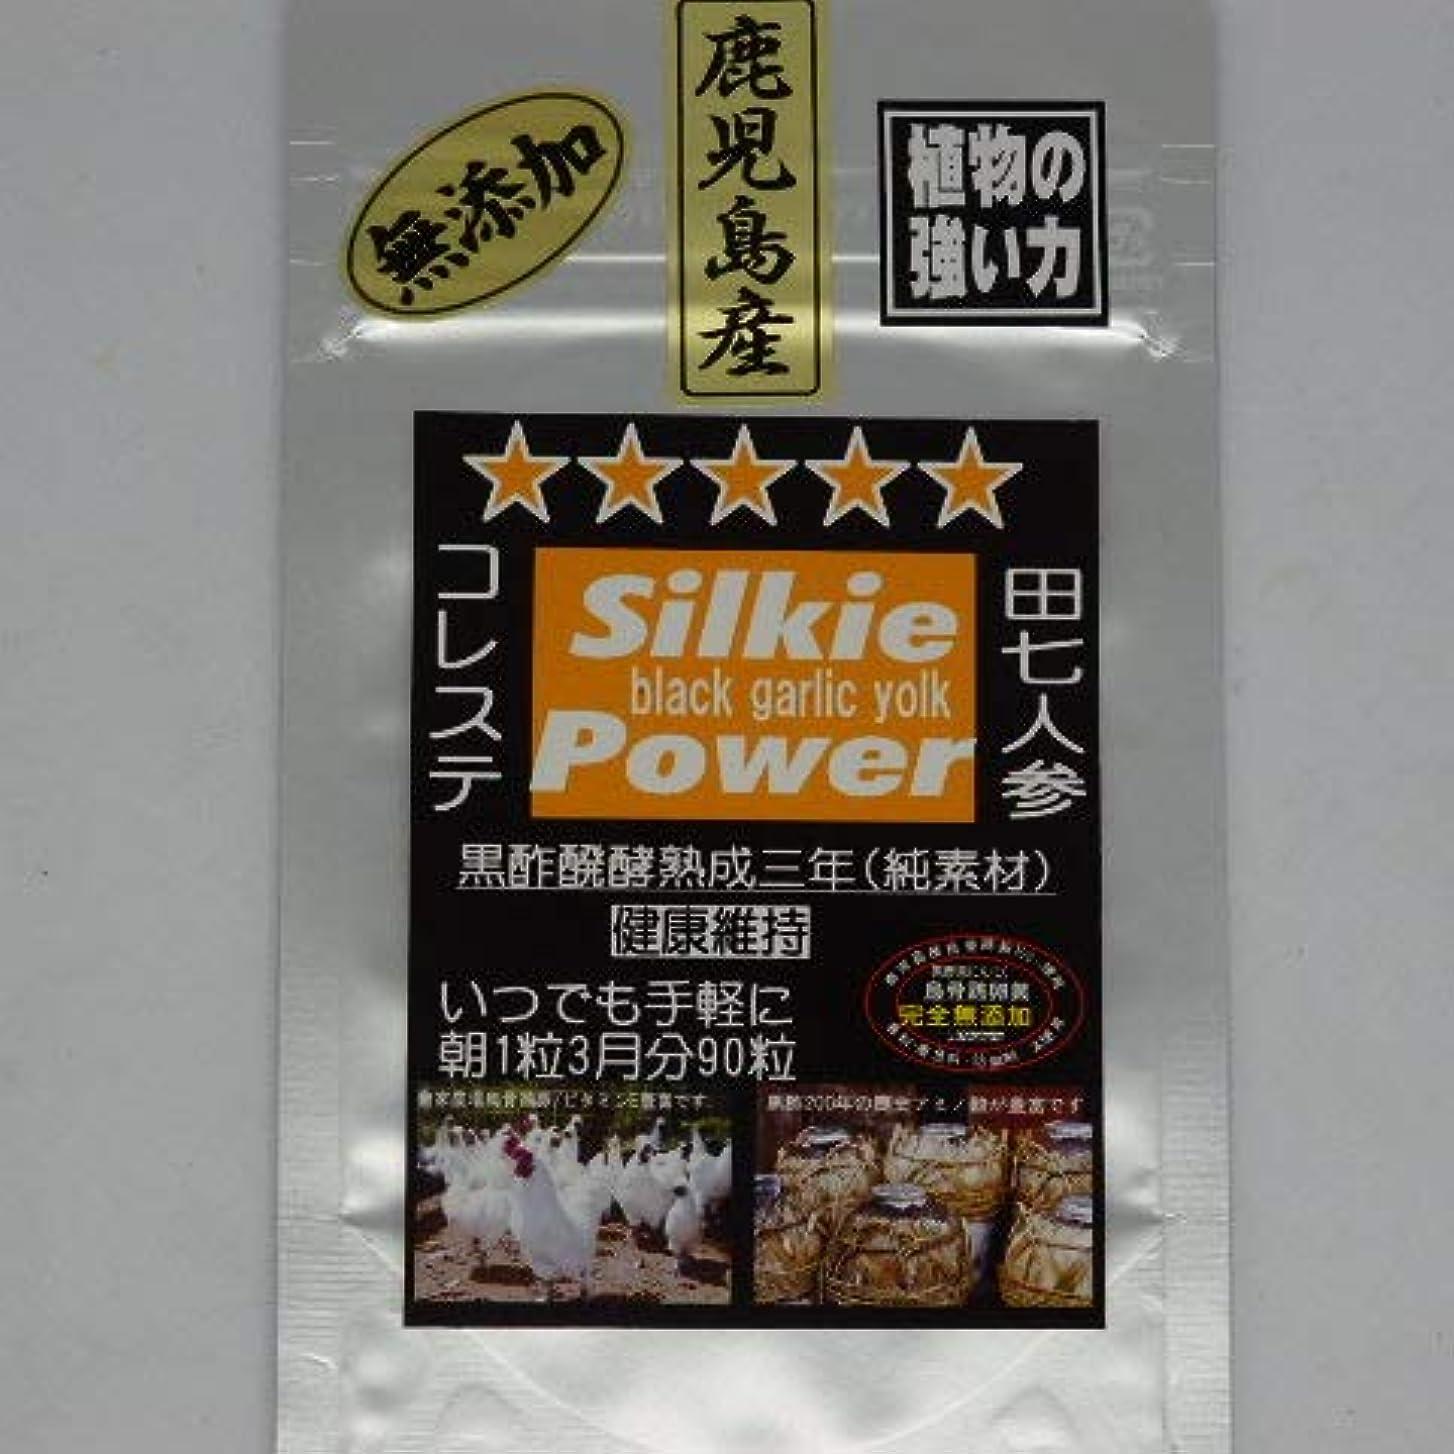 温度計赤登山家黒酢黒にんにく烏骨鶏卵黄/田七人参(90粒)90日分¥11,700